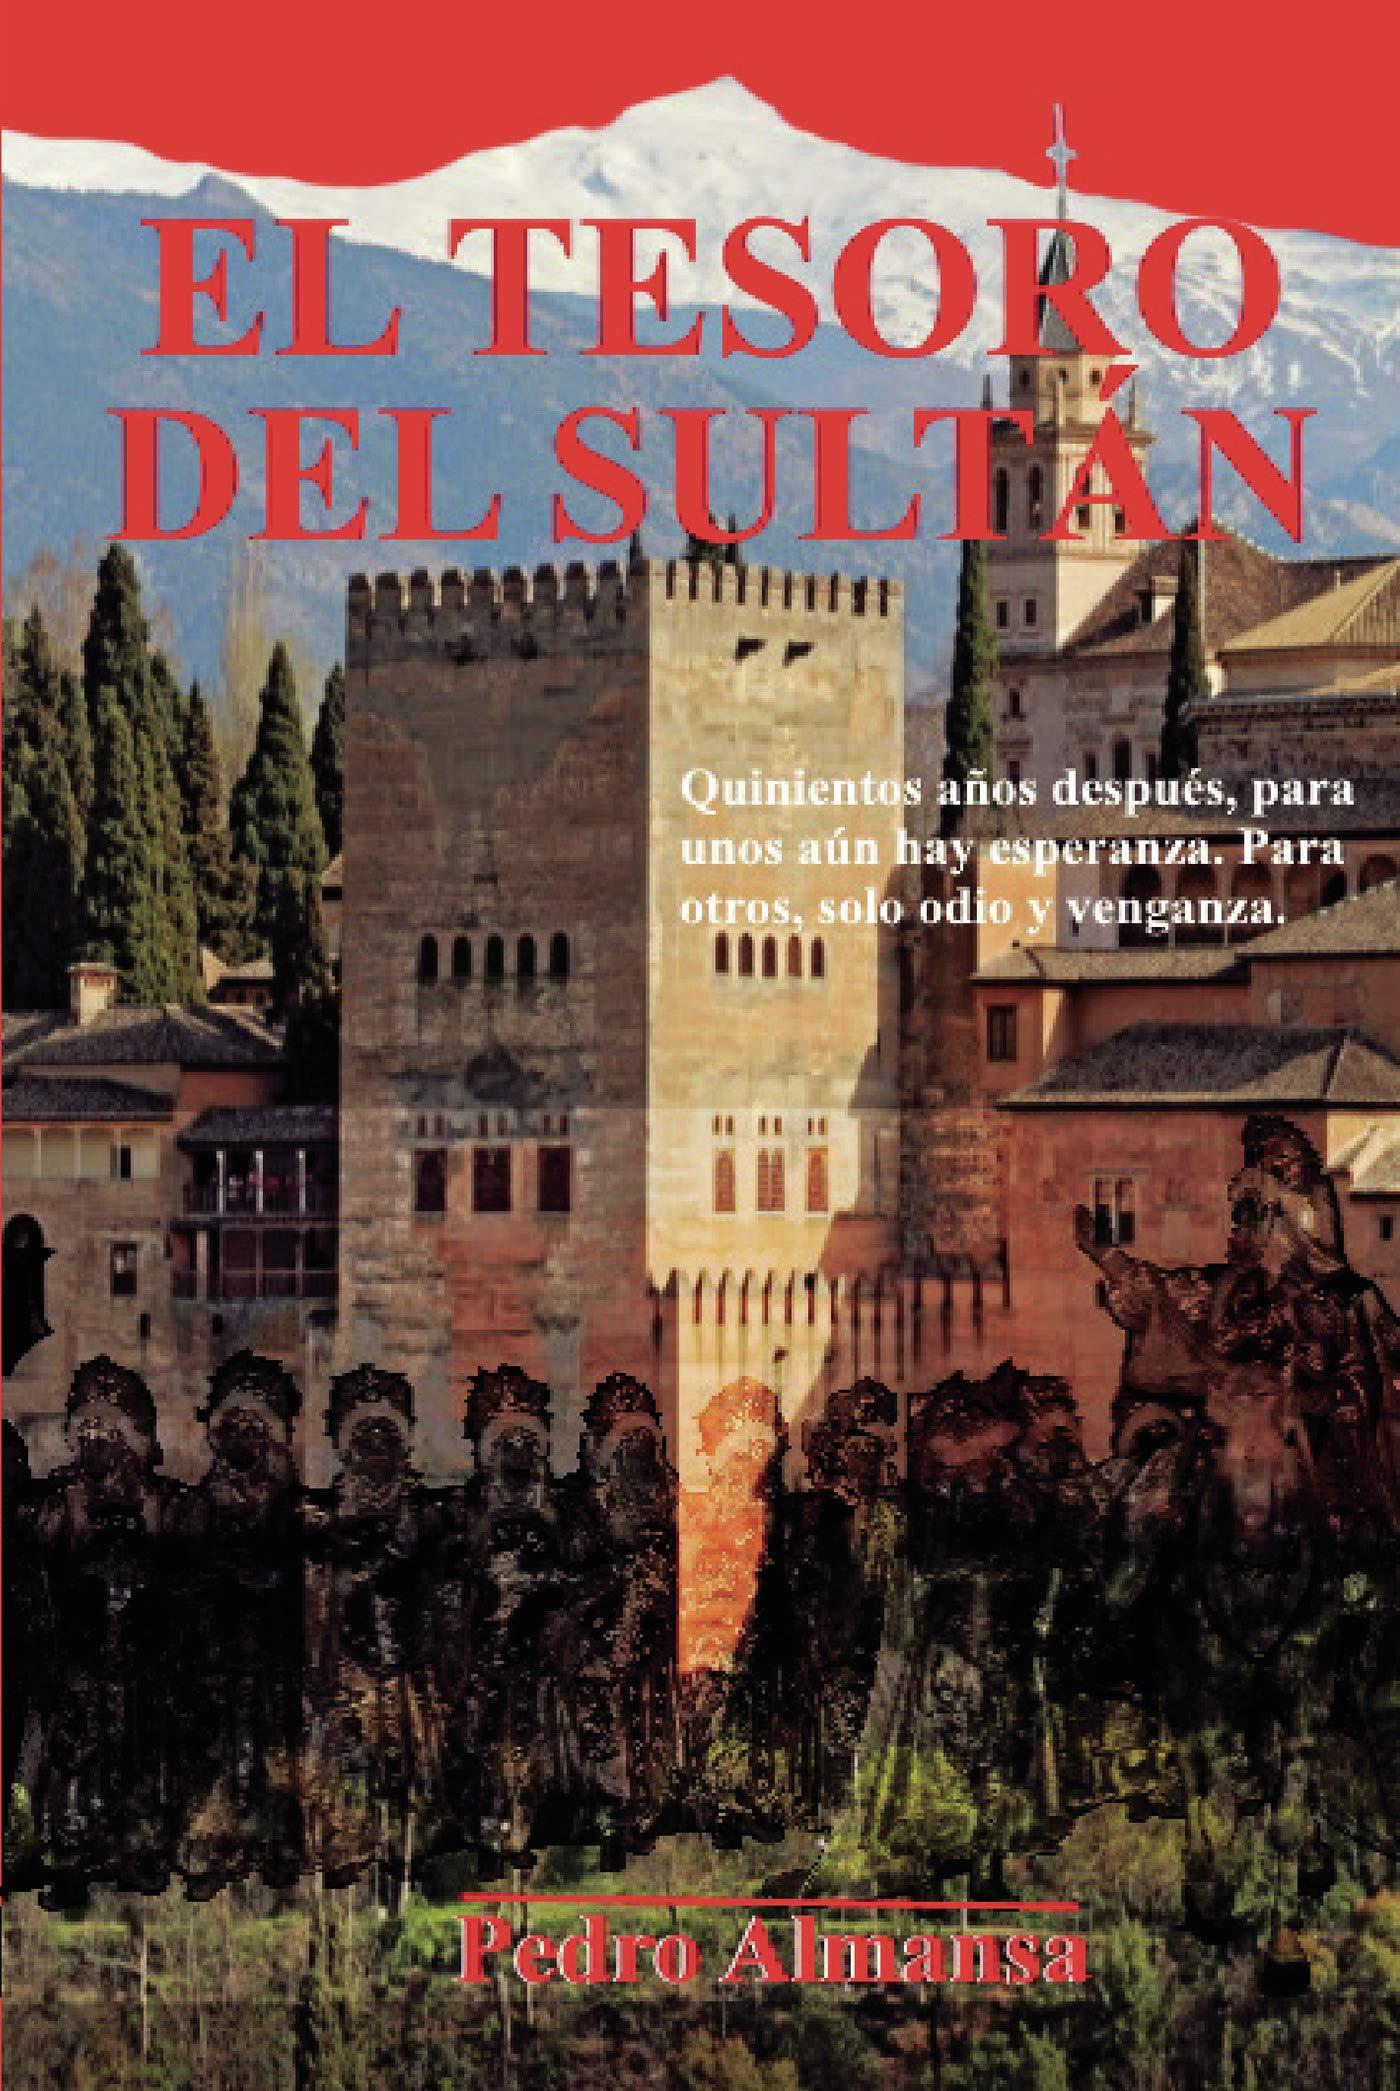 El tesoro del sultán: Amazon.es: Almansa, Pedro: Libros